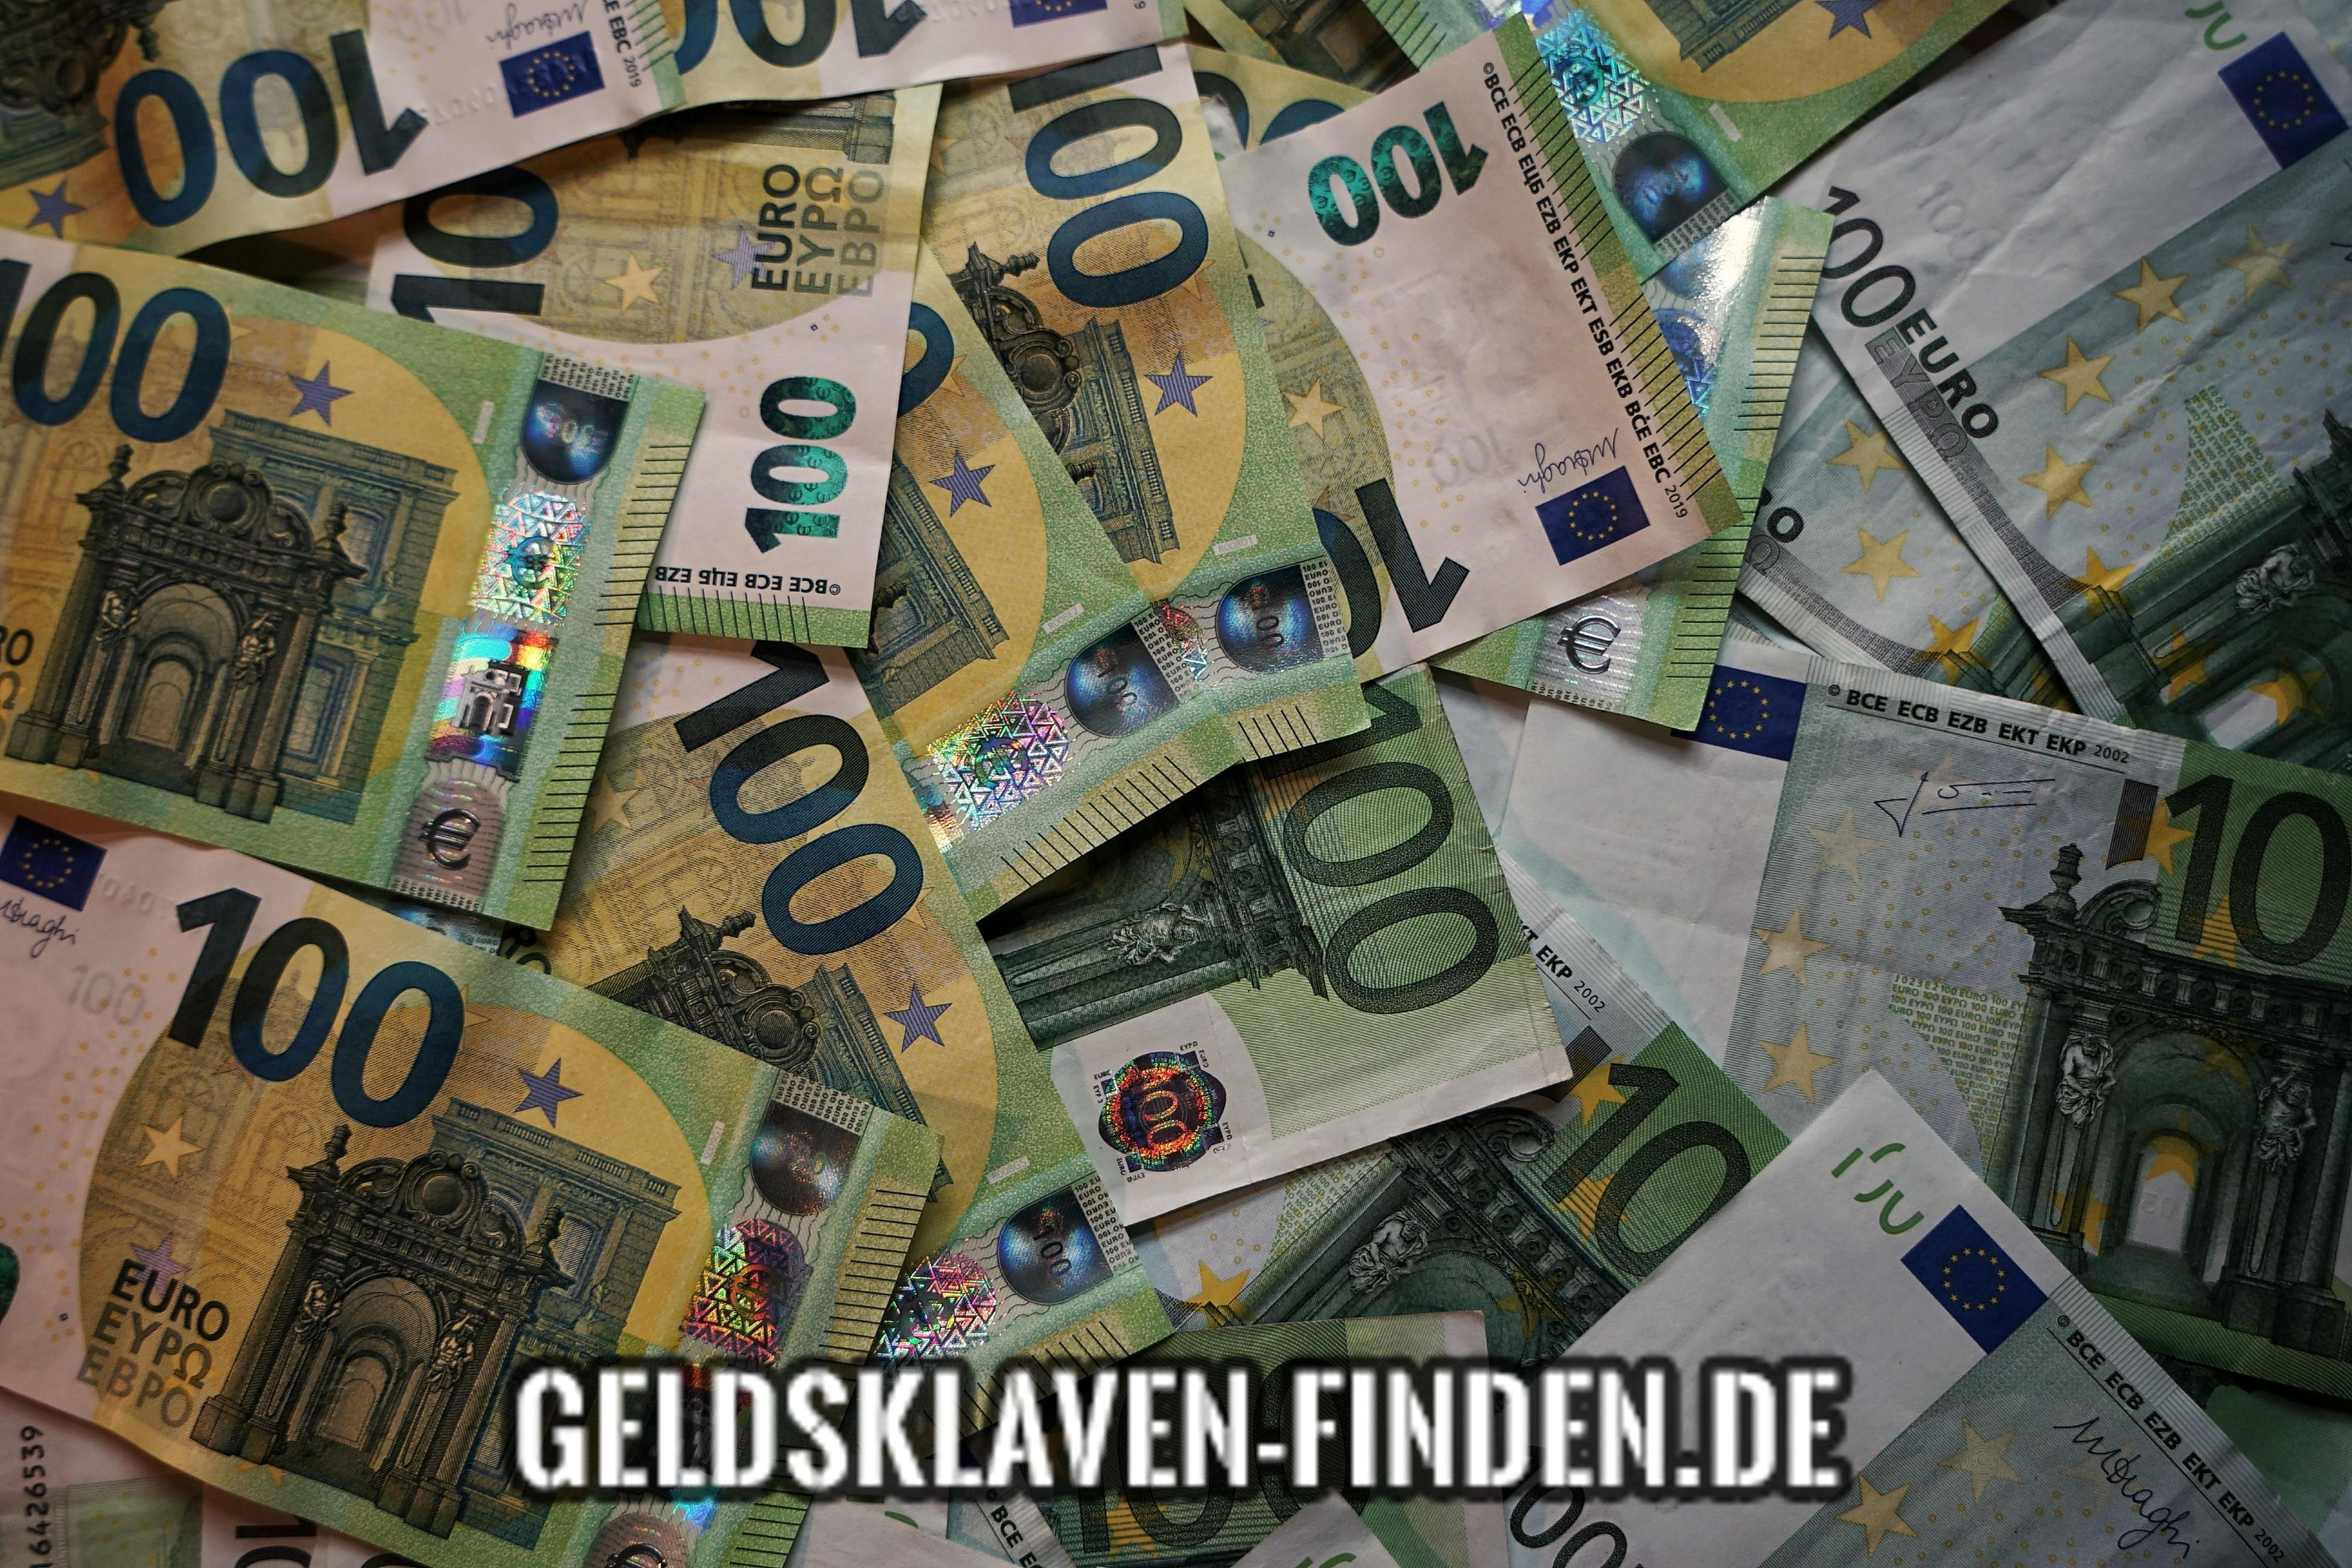 Geldsklave finden | FINANZSPRITZE nötig? - Geldsklaven finden